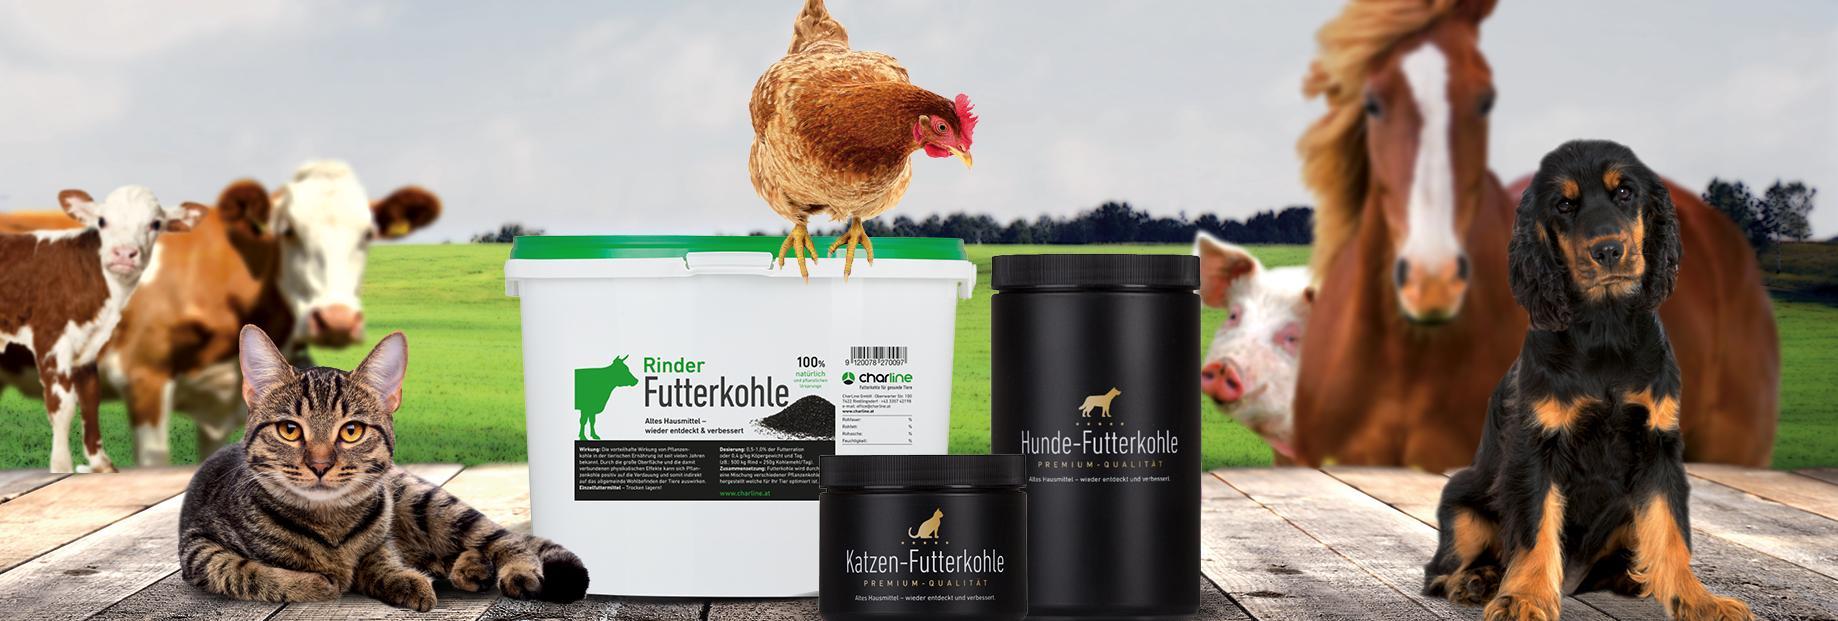 Futterkohle von CharLine GmbH - Für ihr Tier!